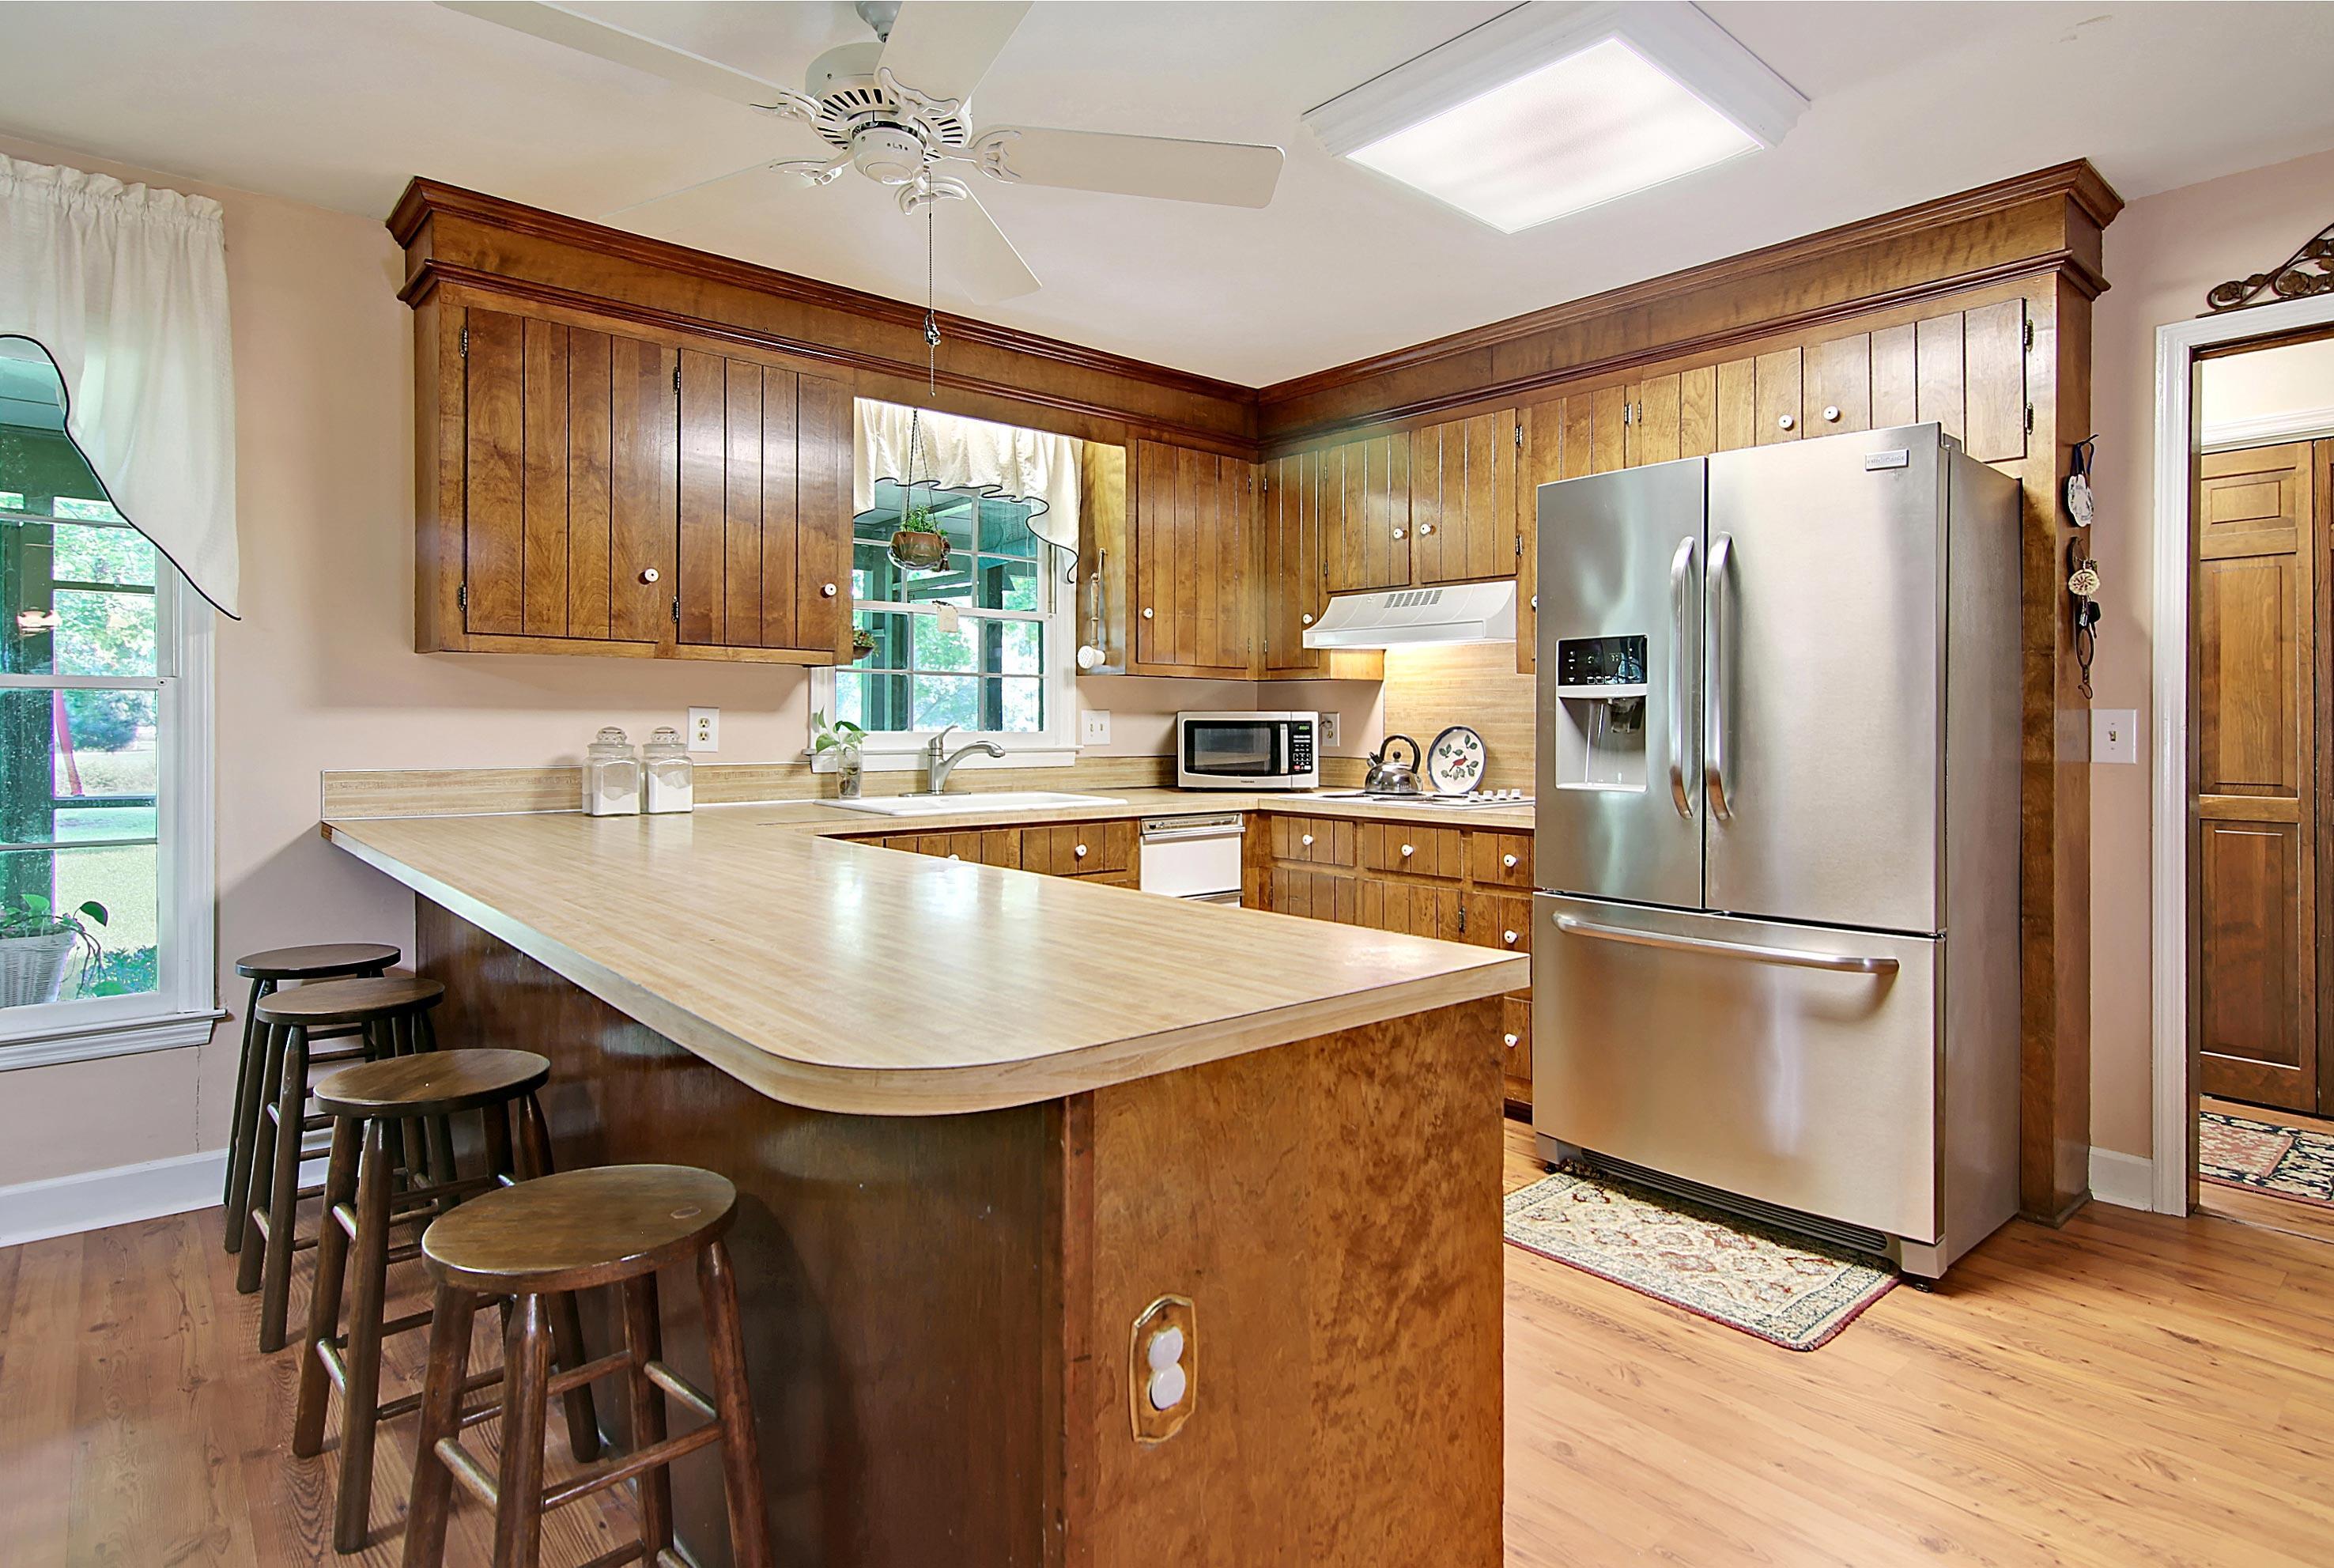 Snee Farm Homes For Sale - 913 Austin, Mount Pleasant, SC - 13